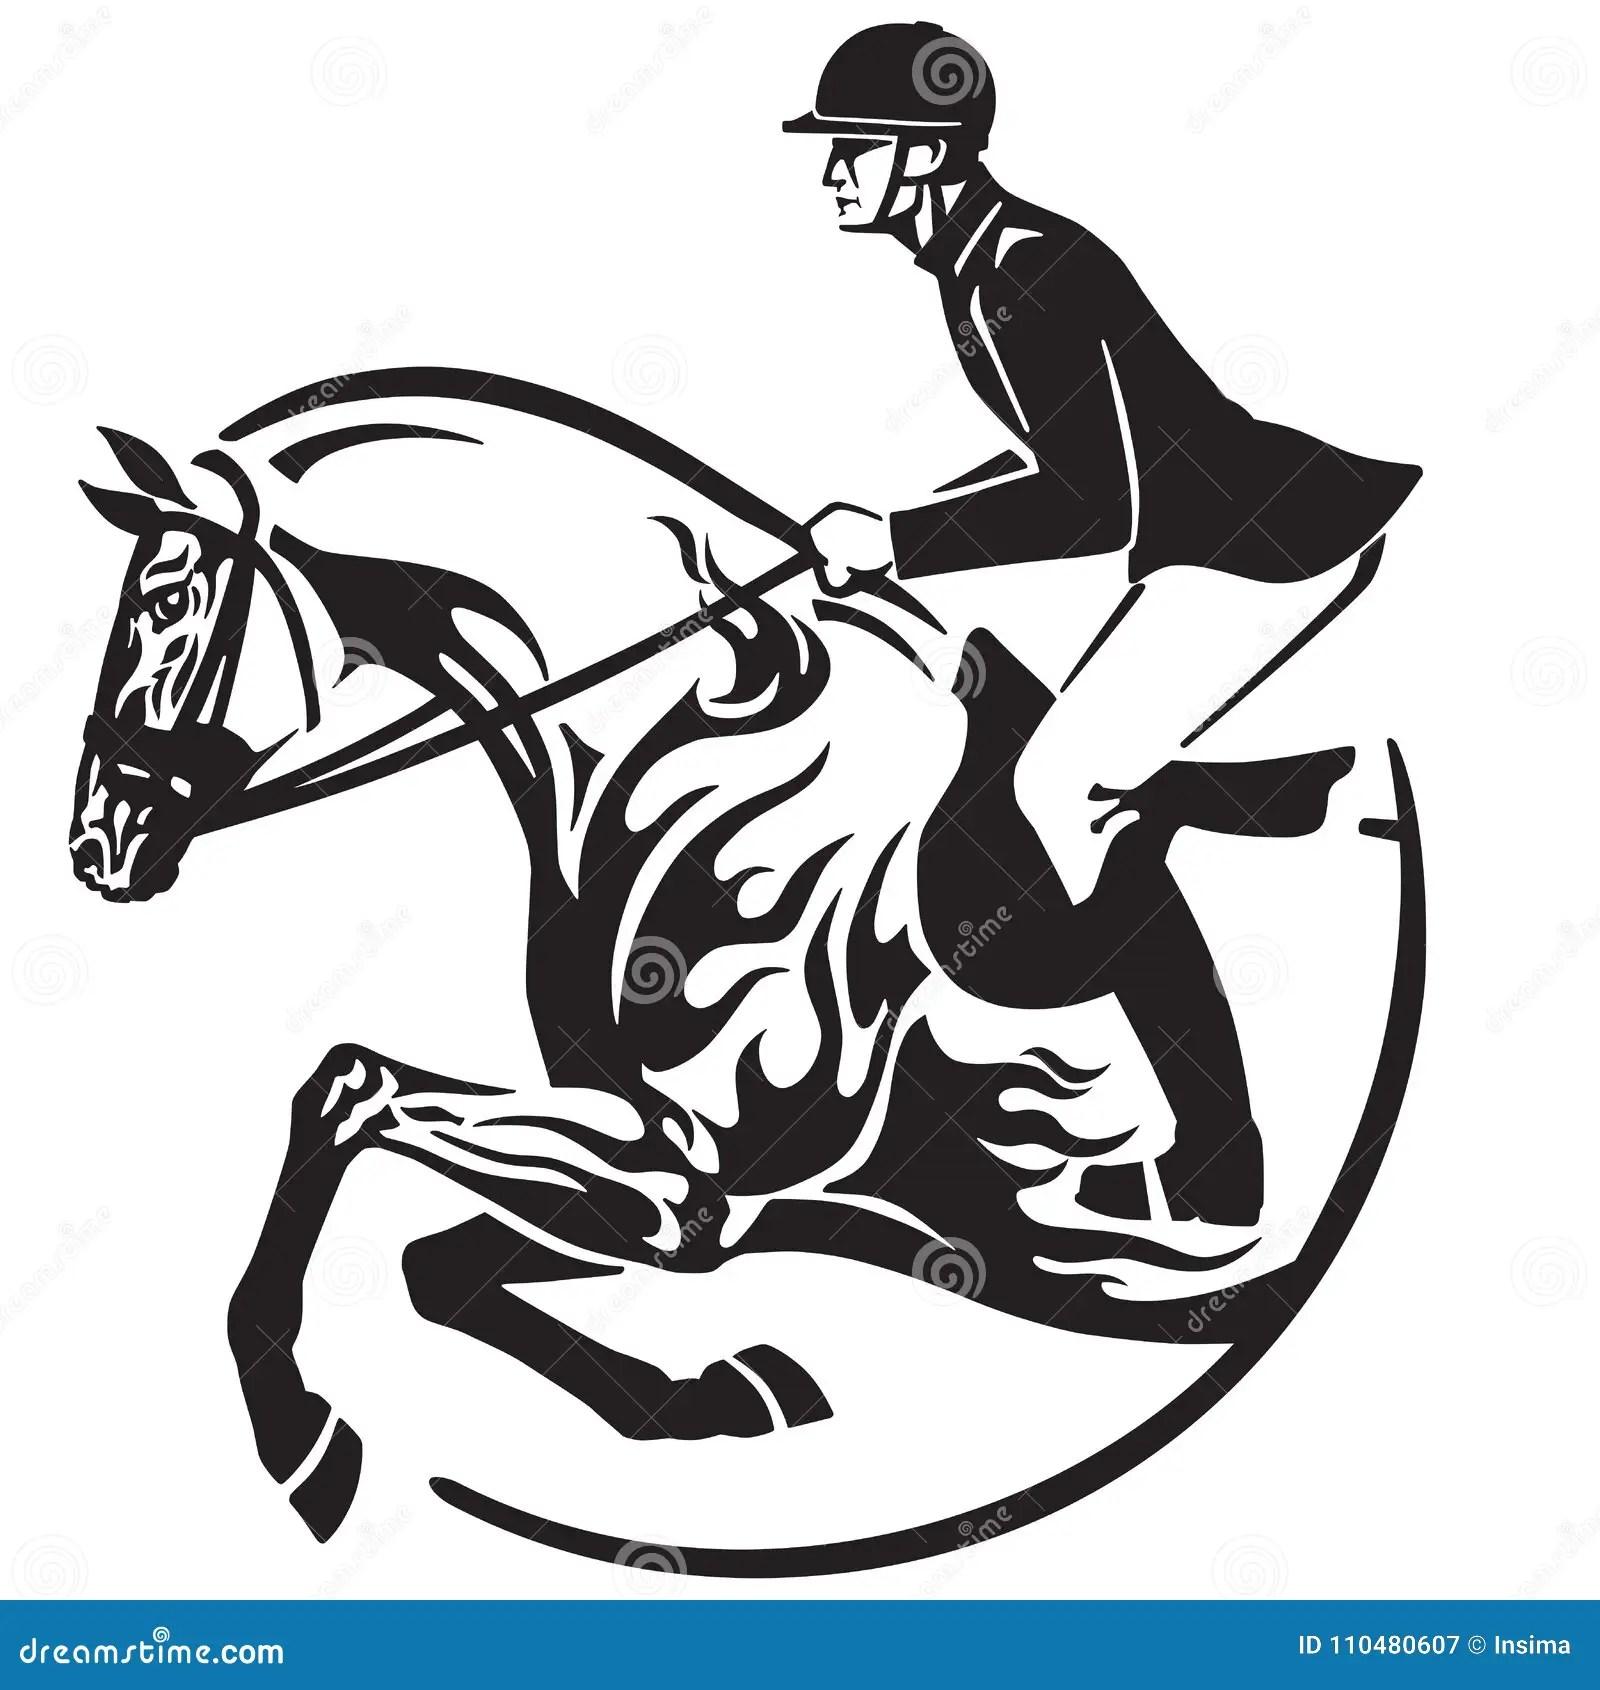 Horse Show Jumping Emblem Equestrian Sport Stock Vector